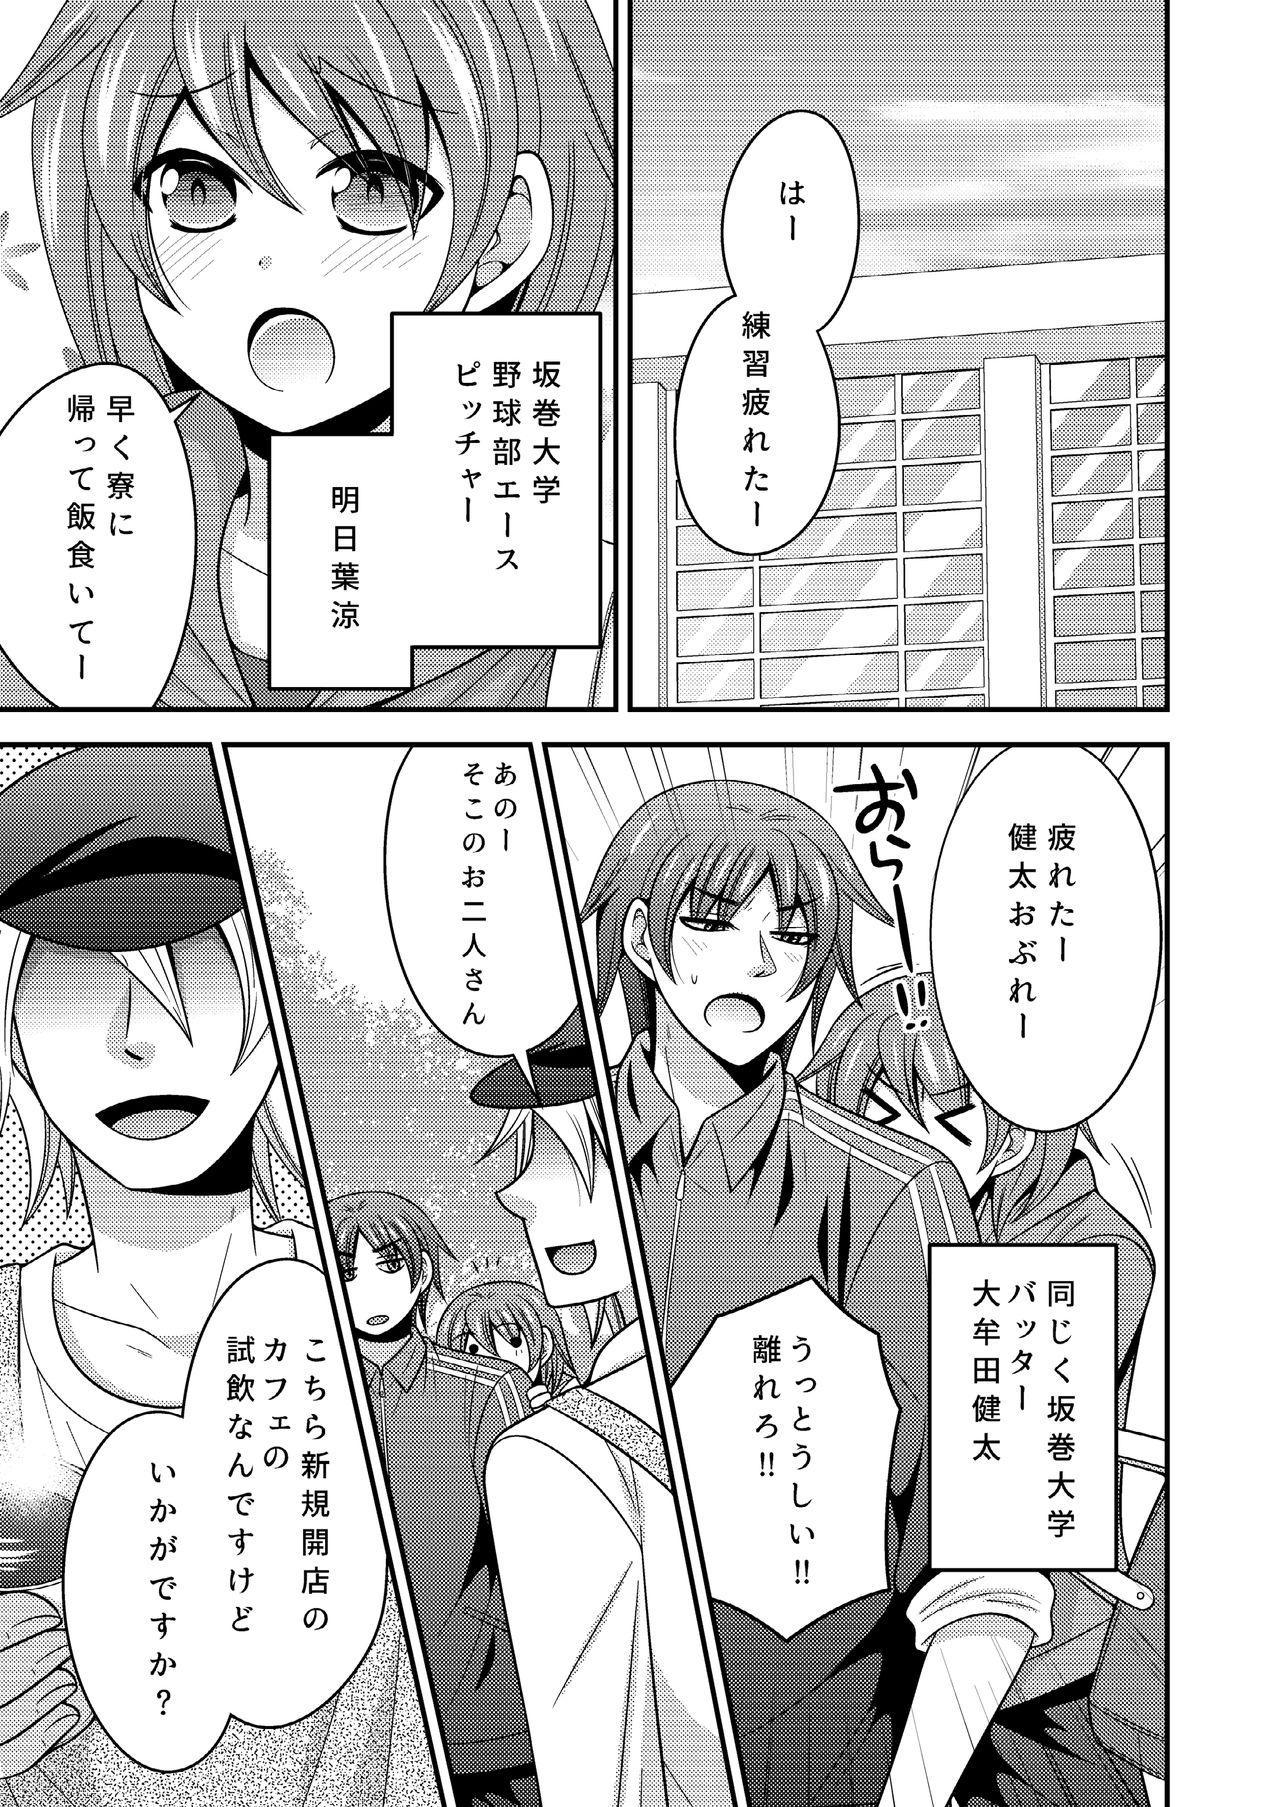 Yakyuubu no Ace ga Nyotaika shite Shinyuu to Ecchi + Yoru no Aida wa Onnanoko 3